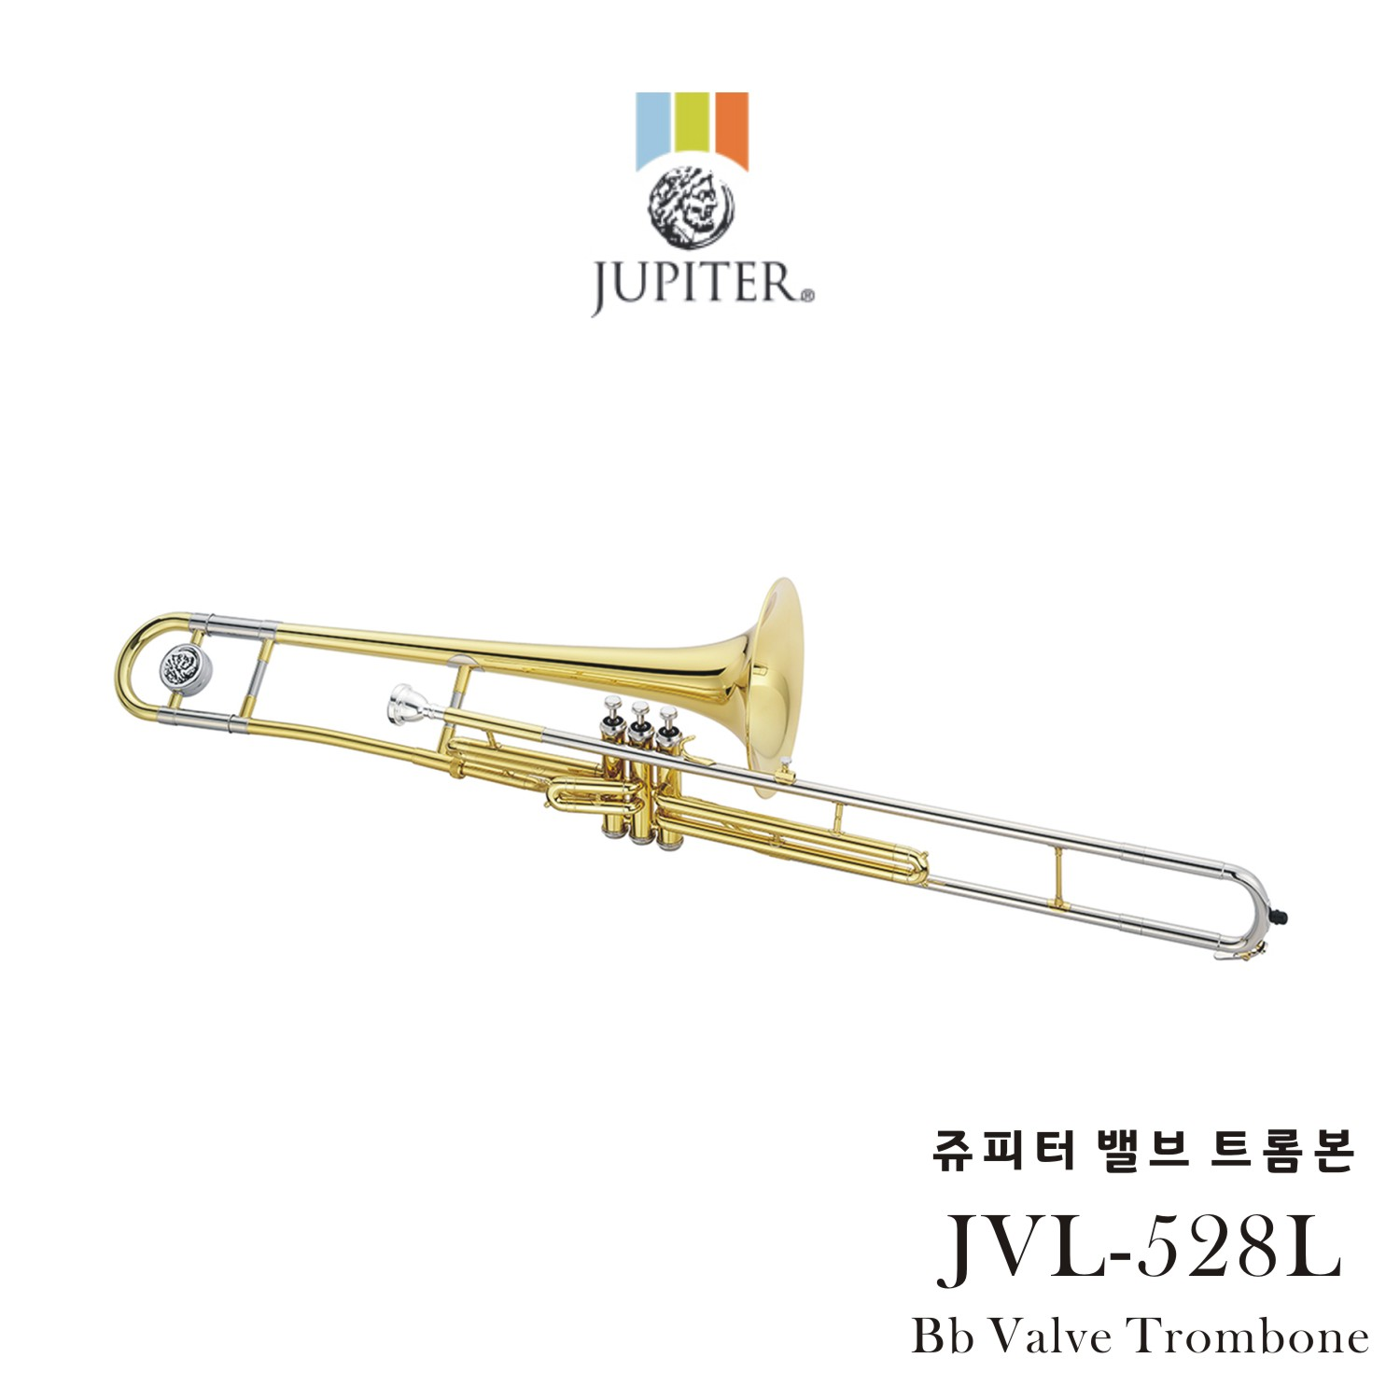 쥬피터 밸브 트롬본 JVL-528L 36관